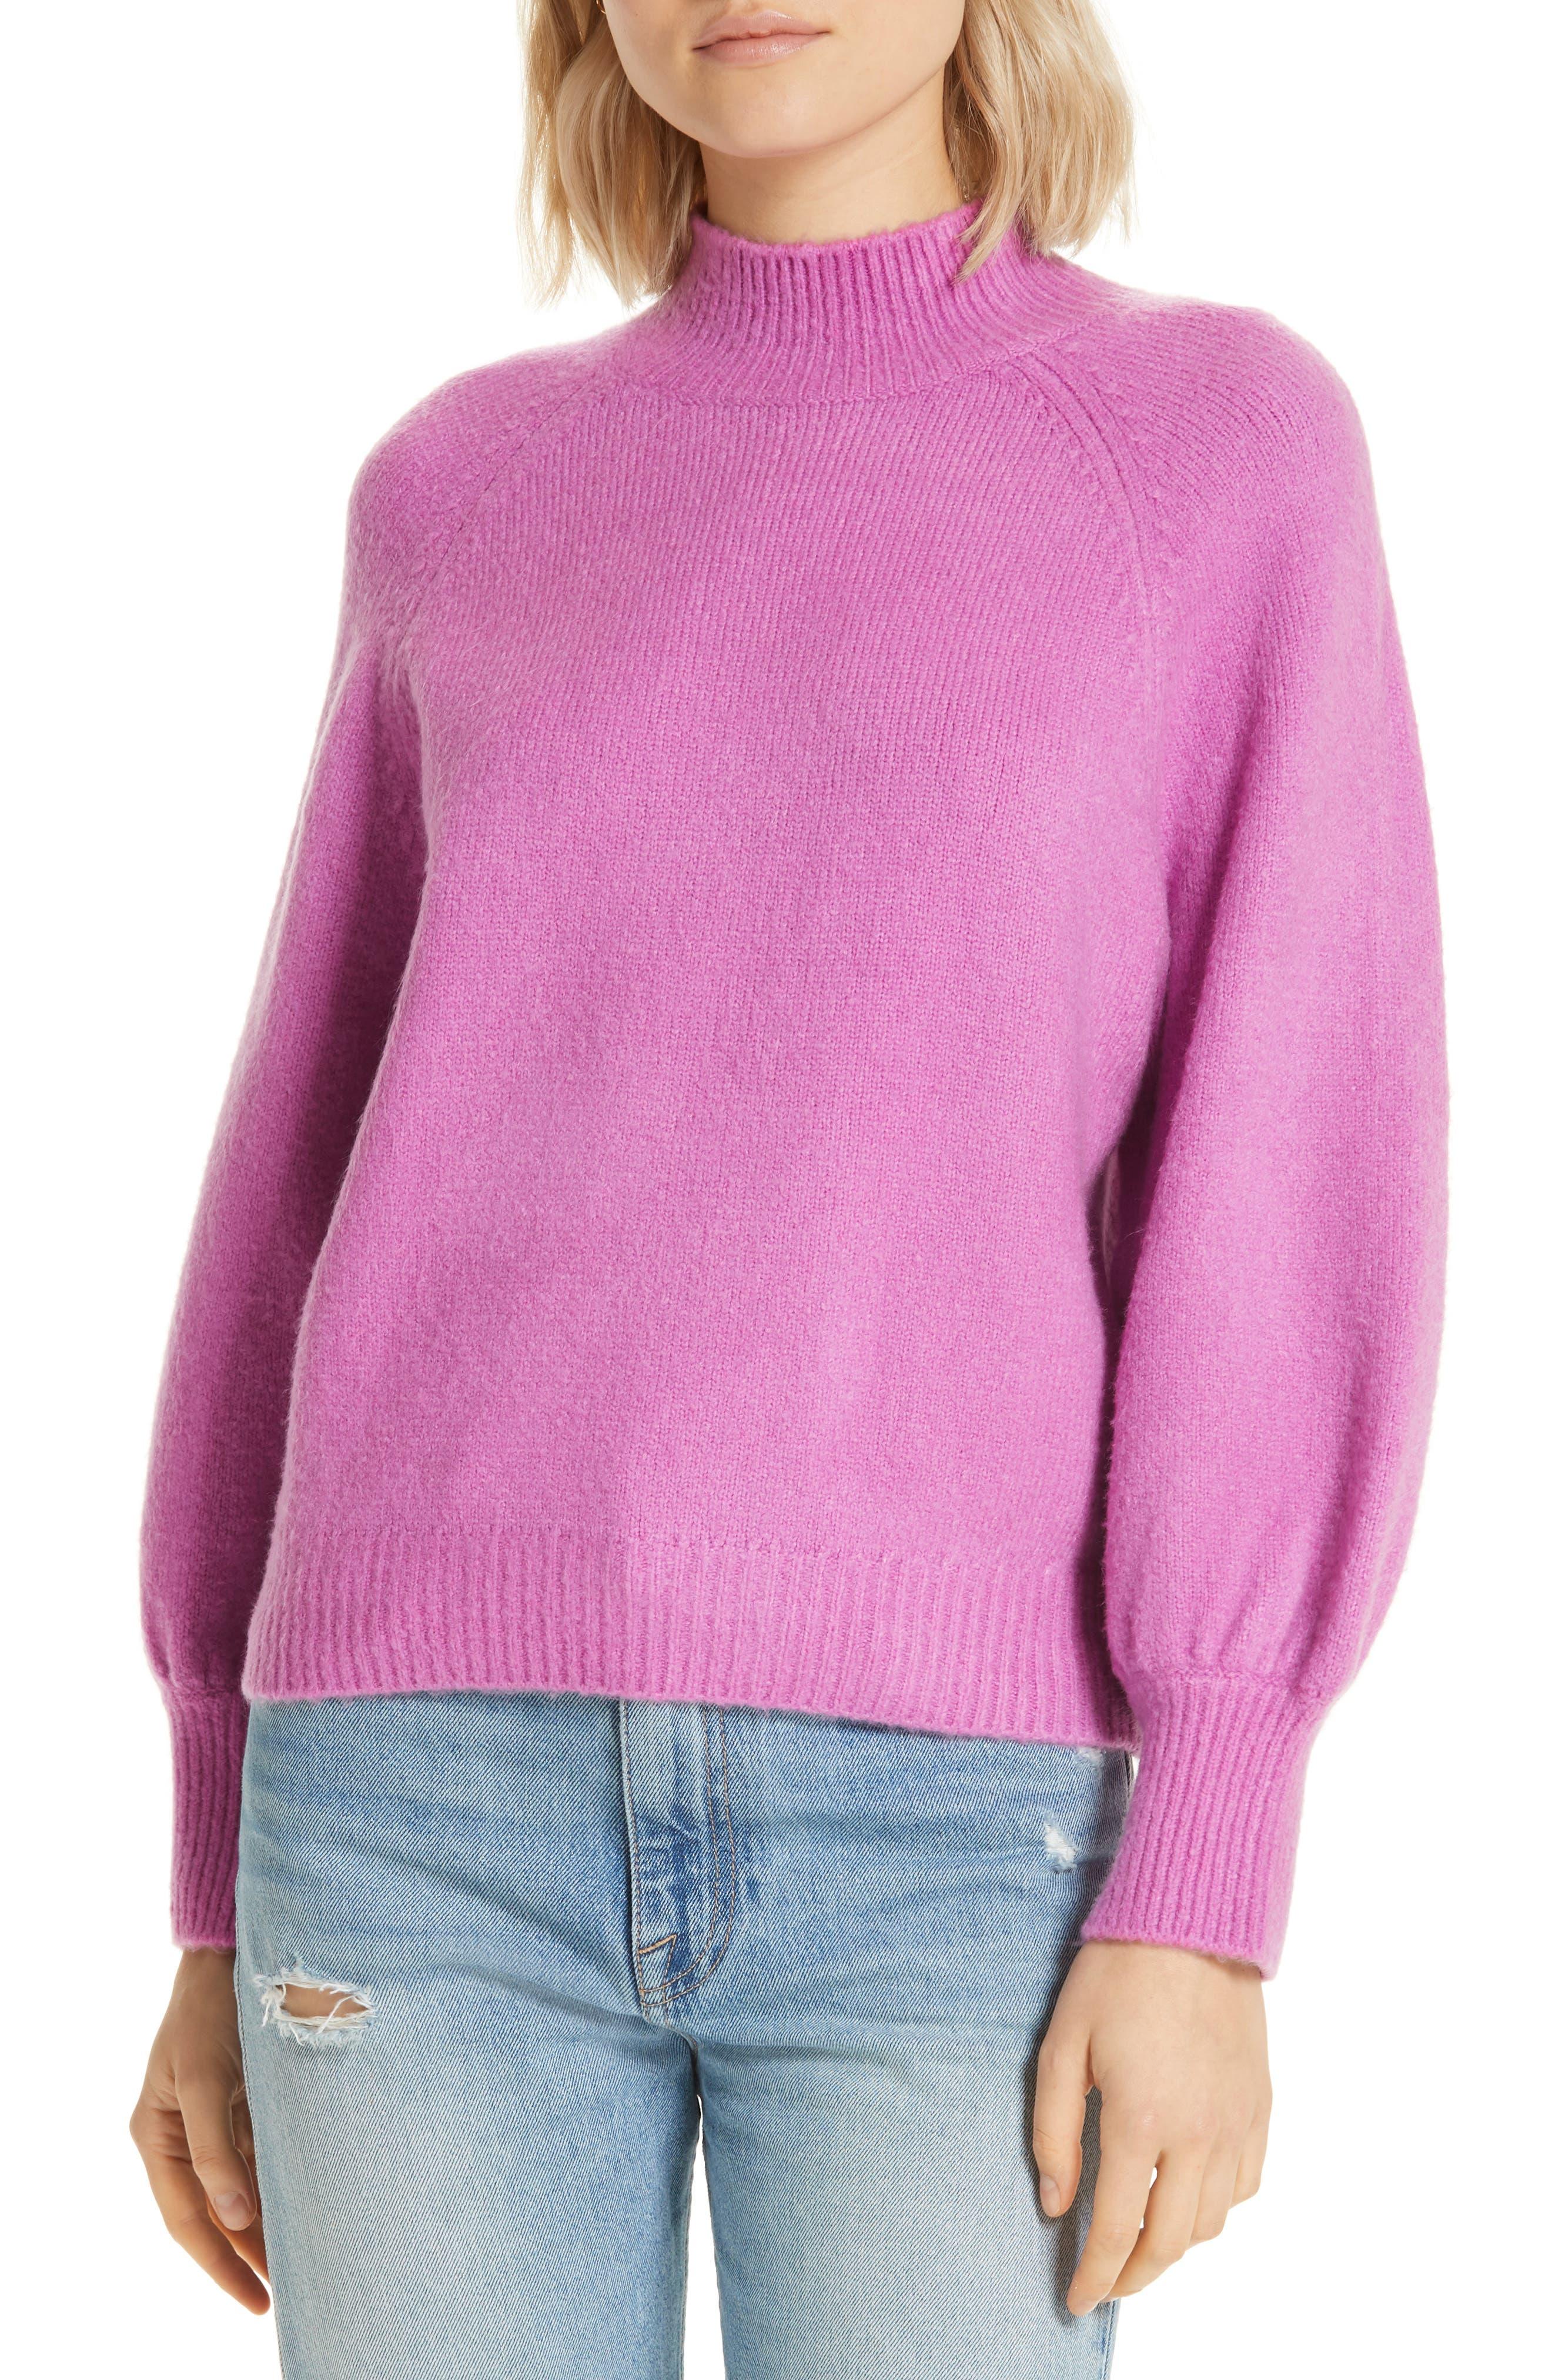 Jenlar Turtleneck Sweater,                         Main,                         color, 650